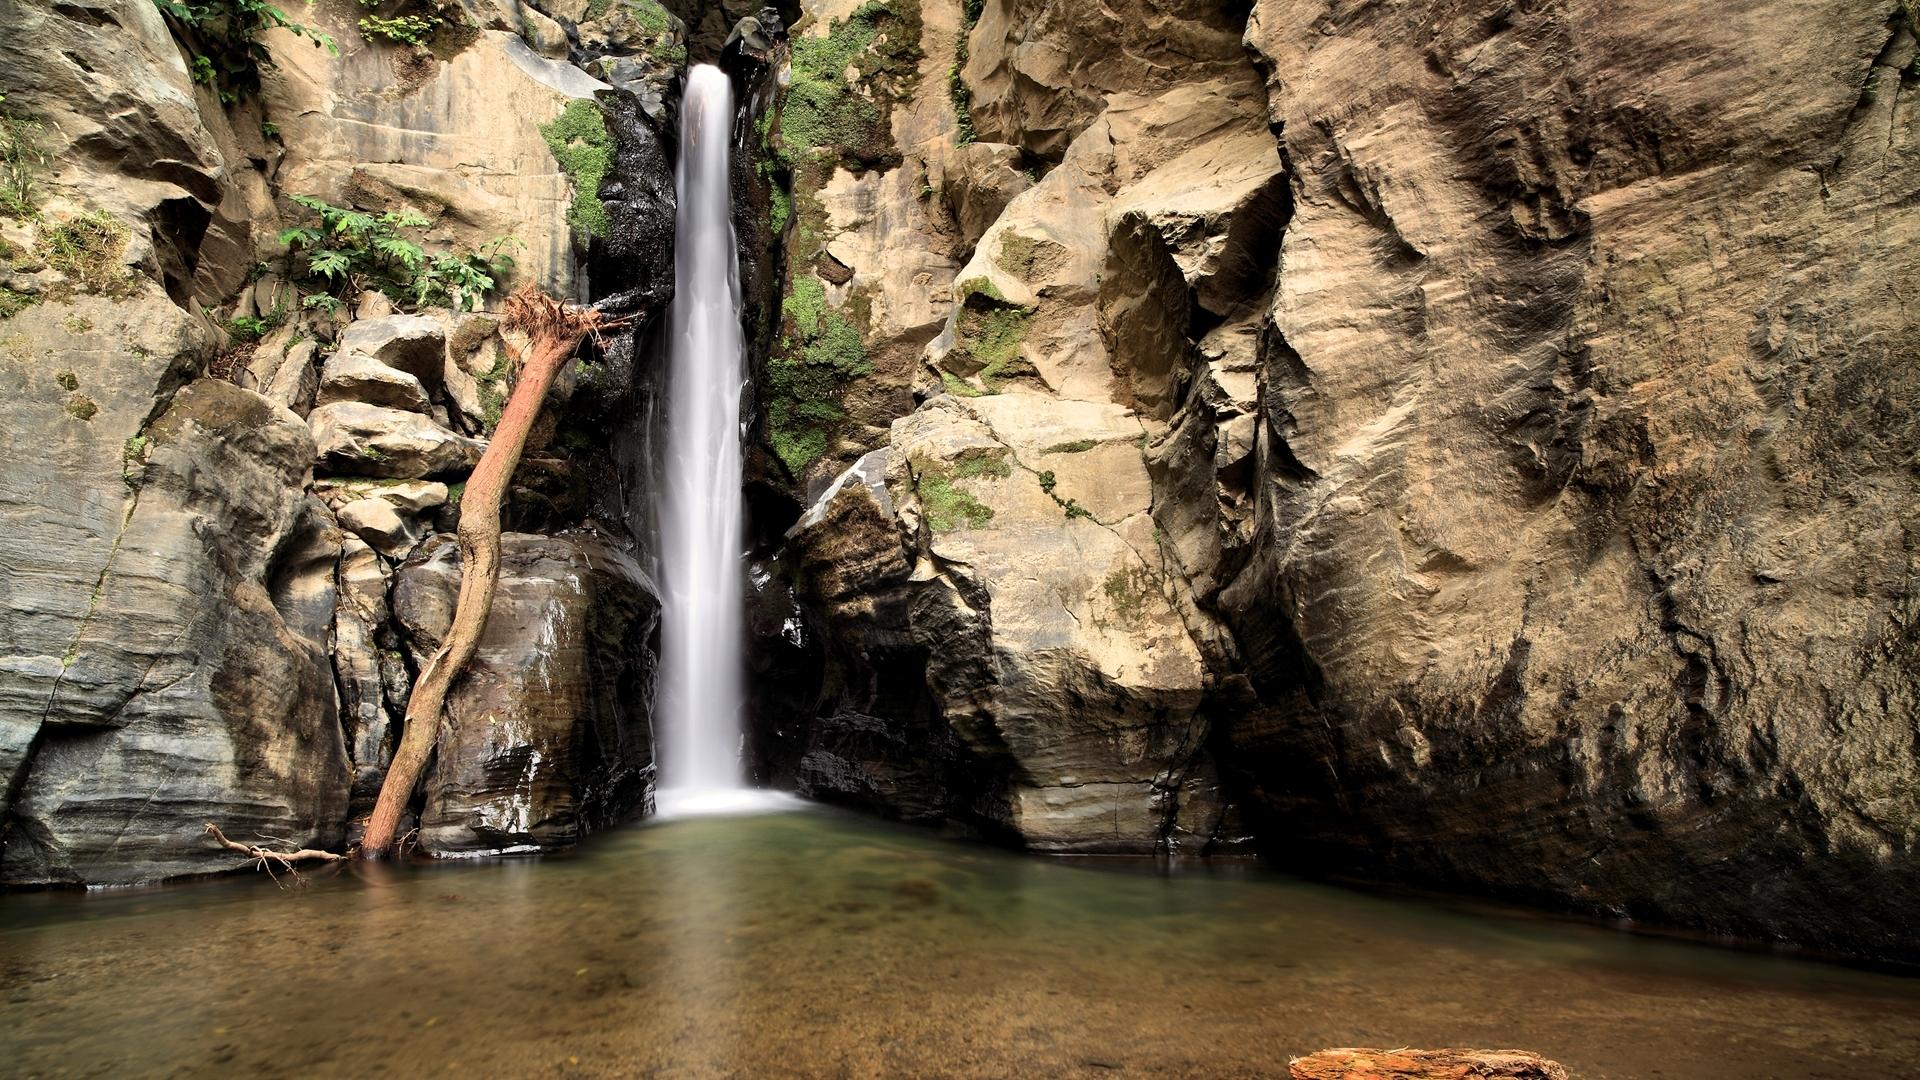 38827 скачать обои Пейзаж, Водопады - заставки и картинки бесплатно